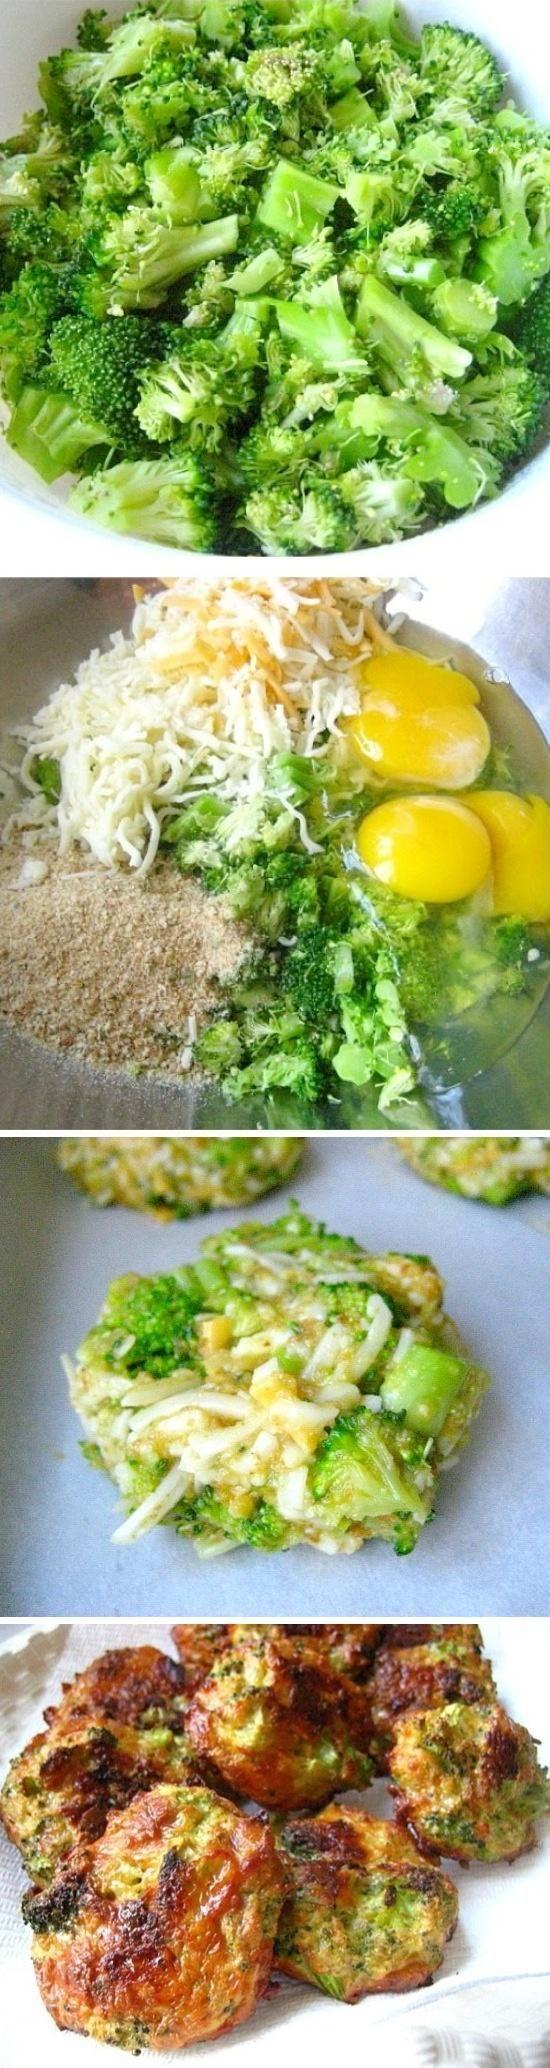 [Receta] Aprende a hacer Bocados de queso y brócoli, fáciles y saludables (vía http://www.tipsnutritivos.